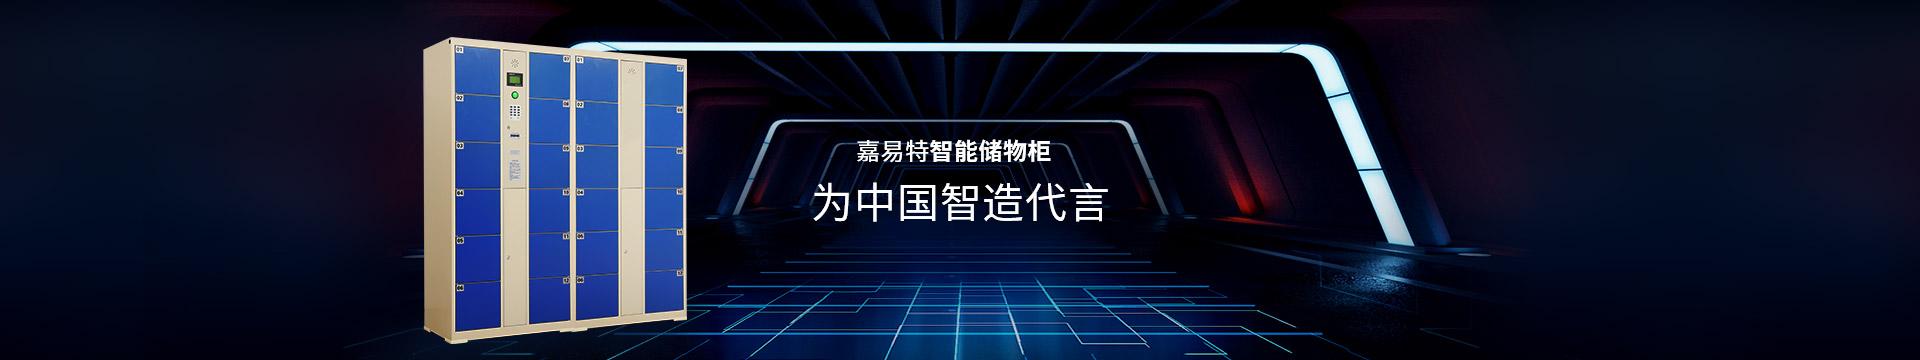 嘉易特智能储物柜为中国制造代言